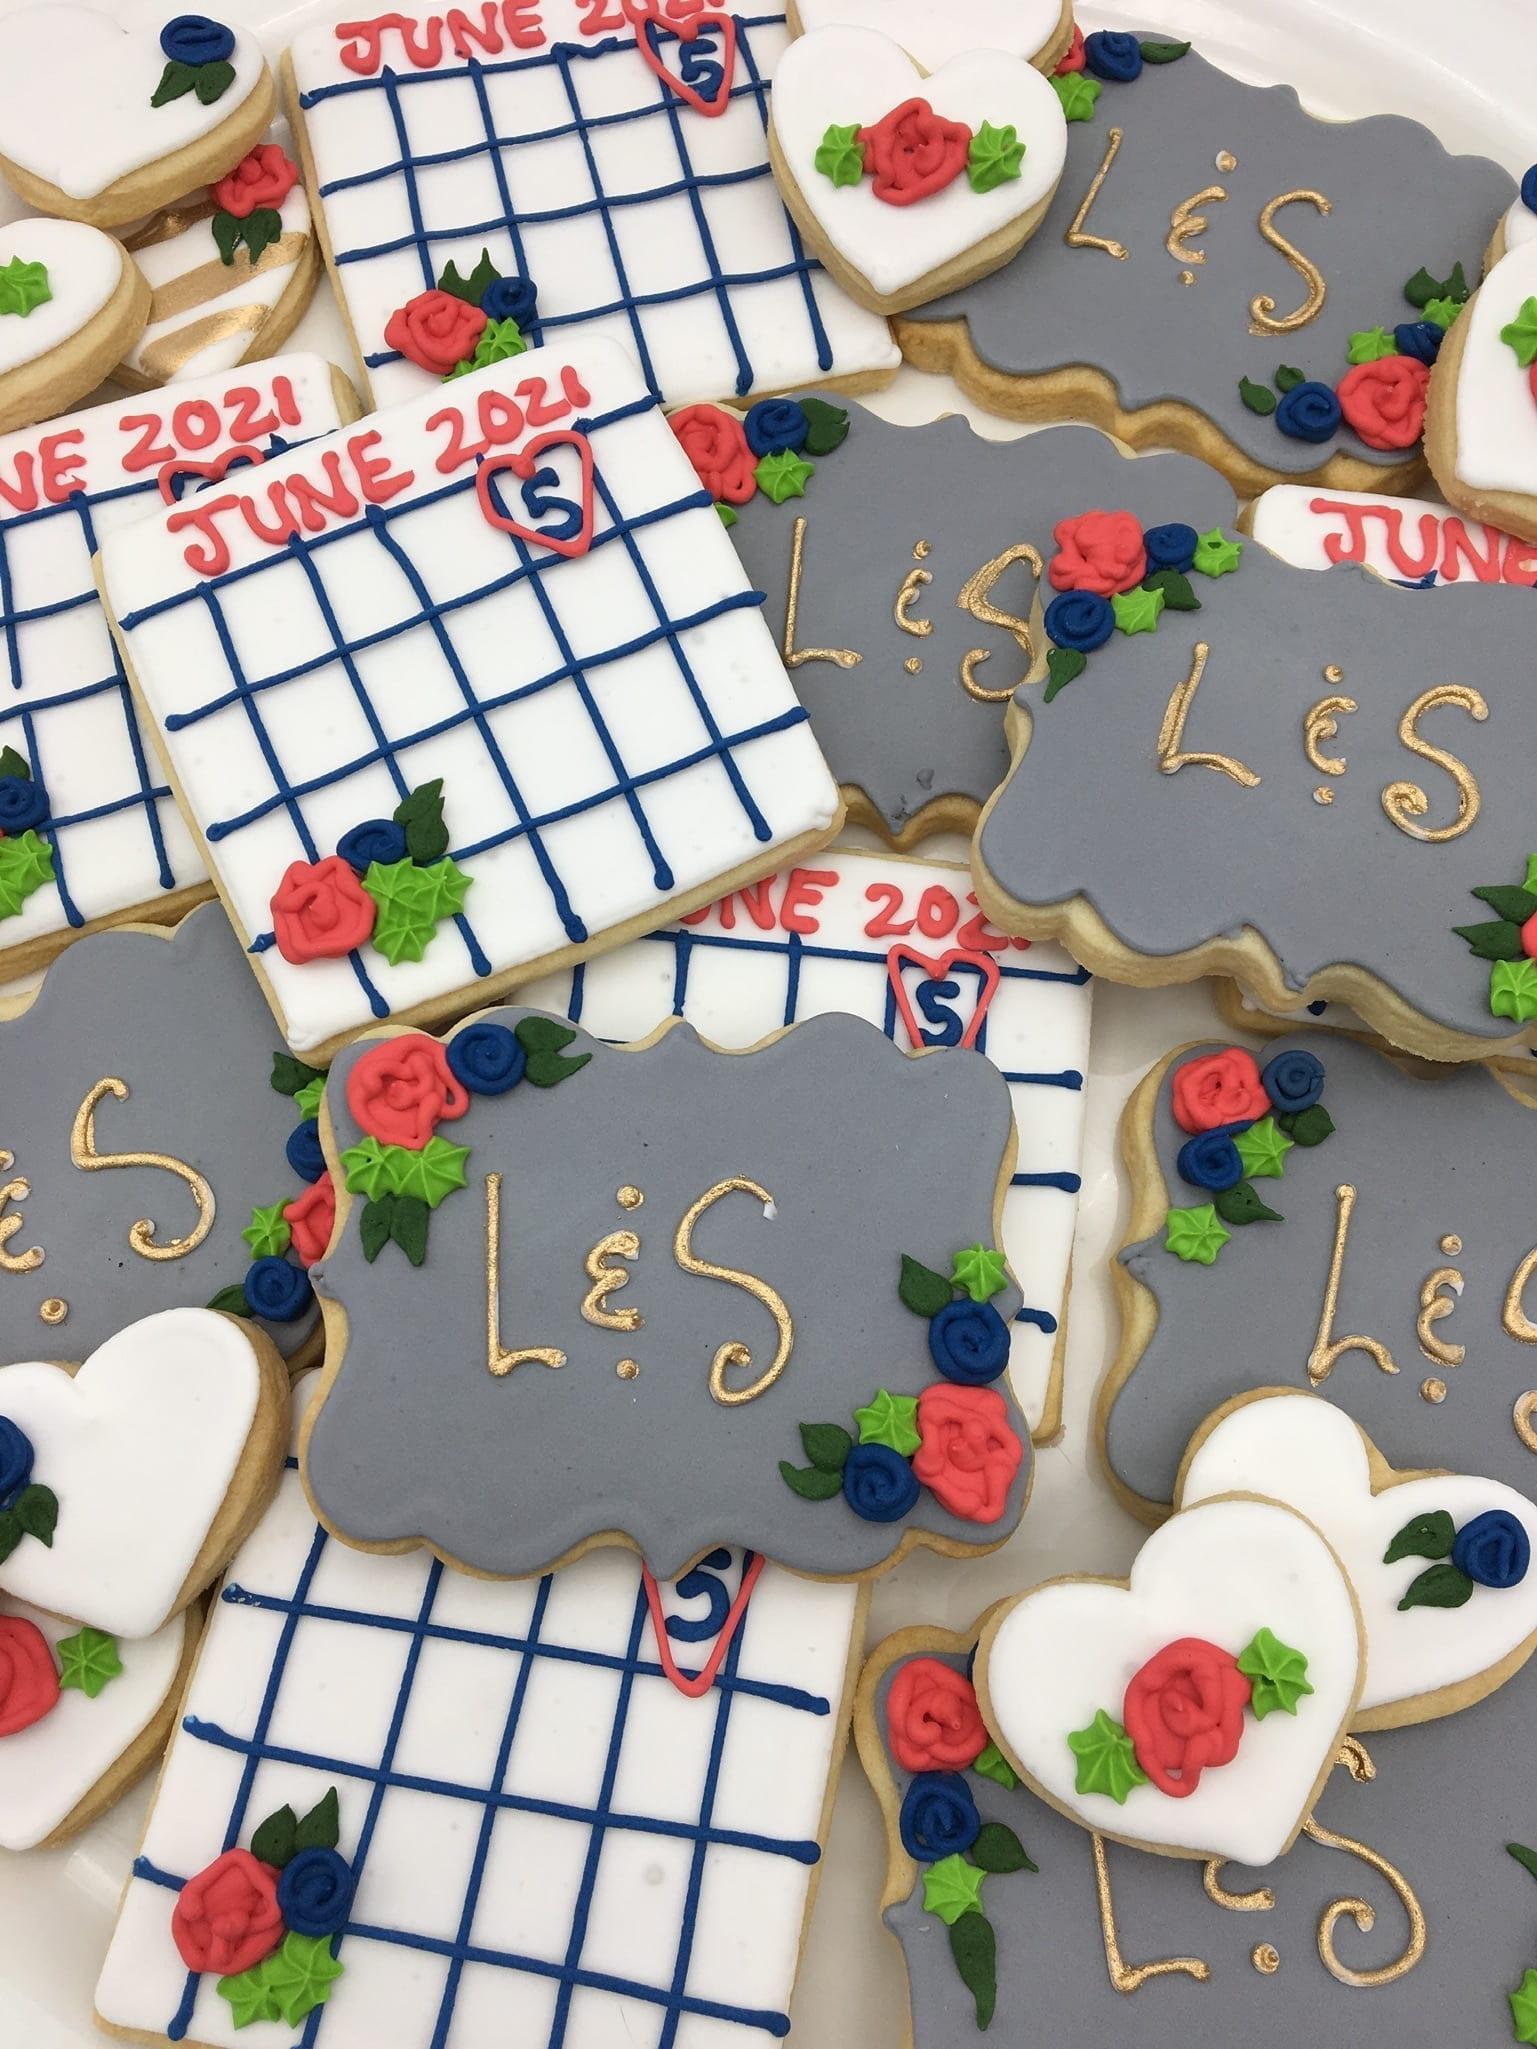 Wedding Date Calender Cookies and Monogram Cookies | 3 Sweet Girls Cakery